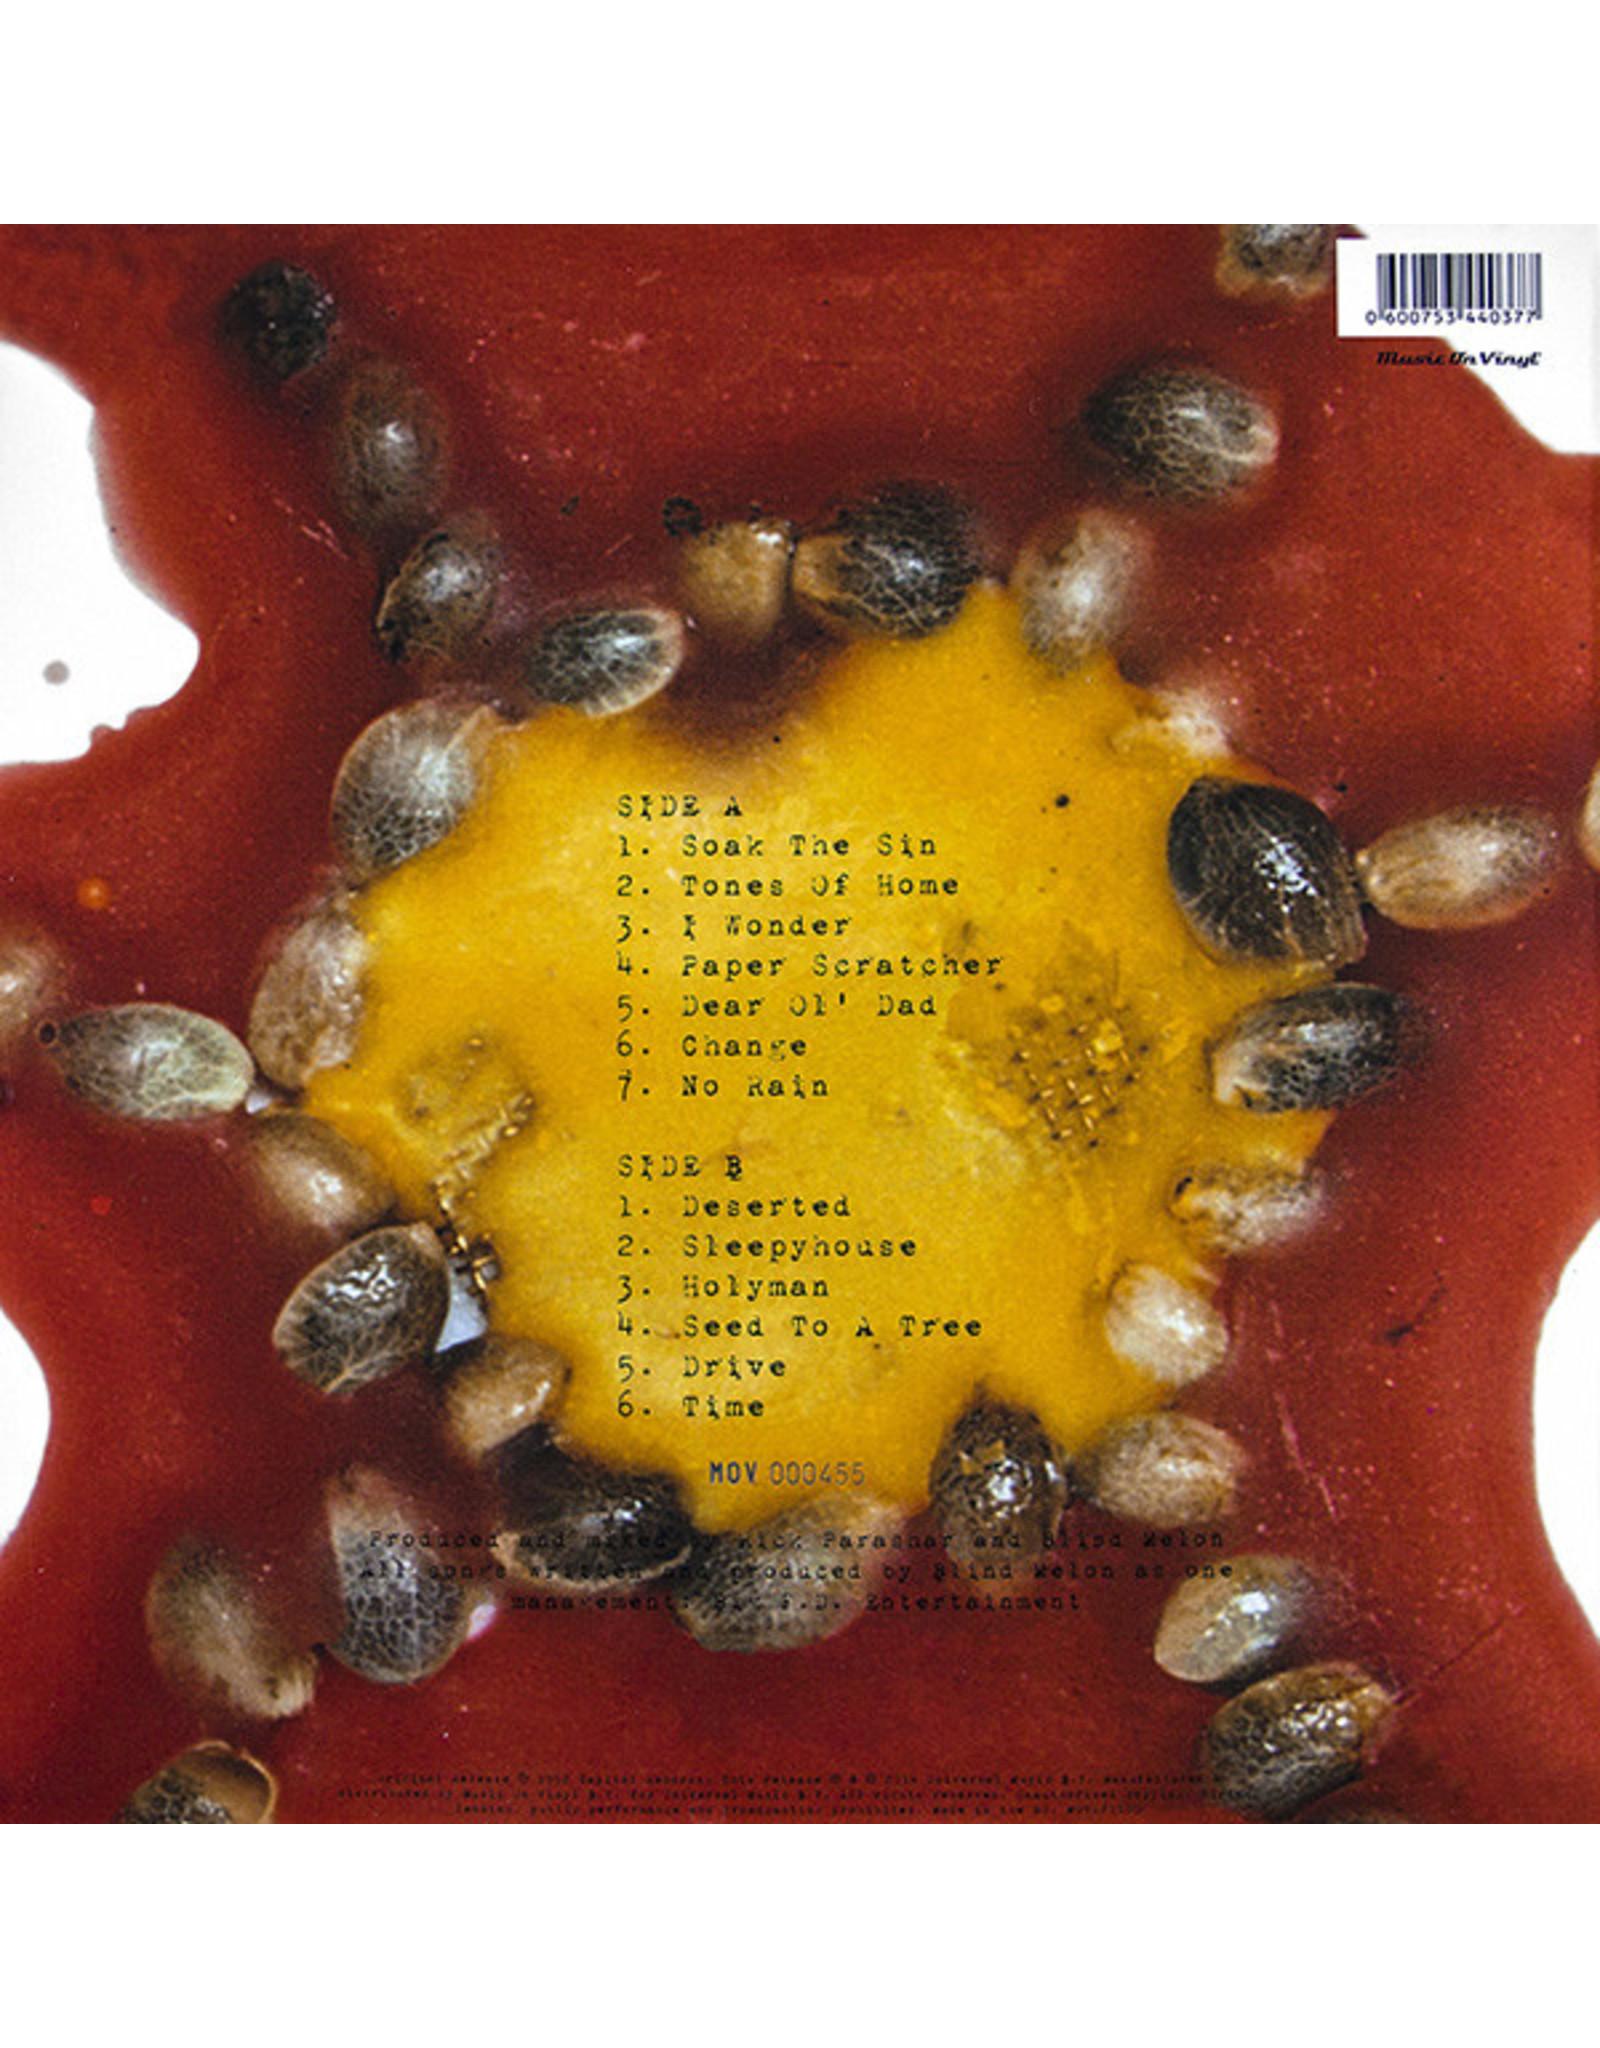 Blind Melon - Blind Melon (Music On Vinyl)